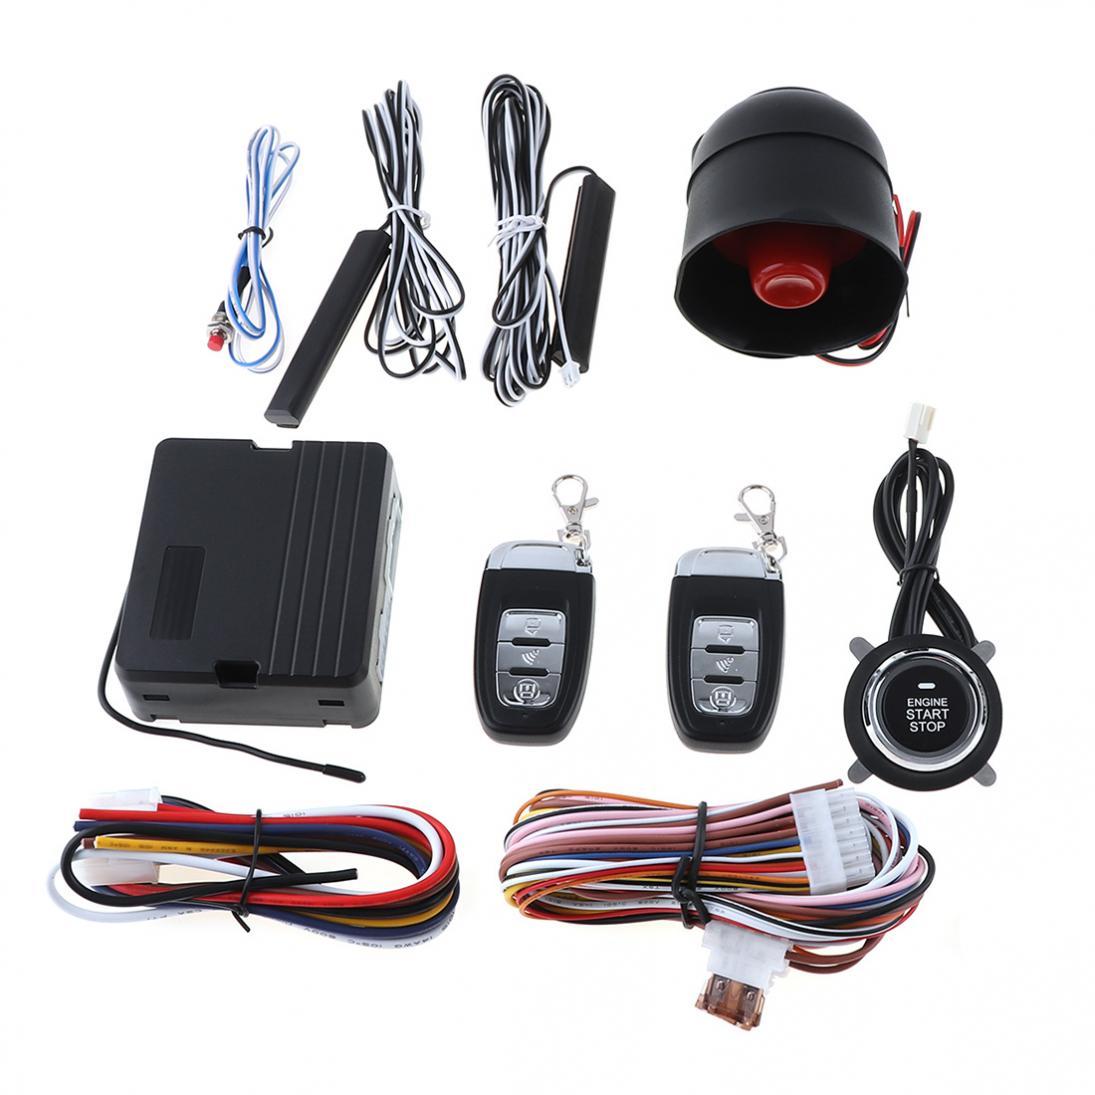 PKE Auto Alarme De Voiture Start Stop Moteur Système RFID Verrouillage Central système D'entrée Sans Clé de Démarrage Anti-vol de Démarrage Du Moteur bouton d'arrêt